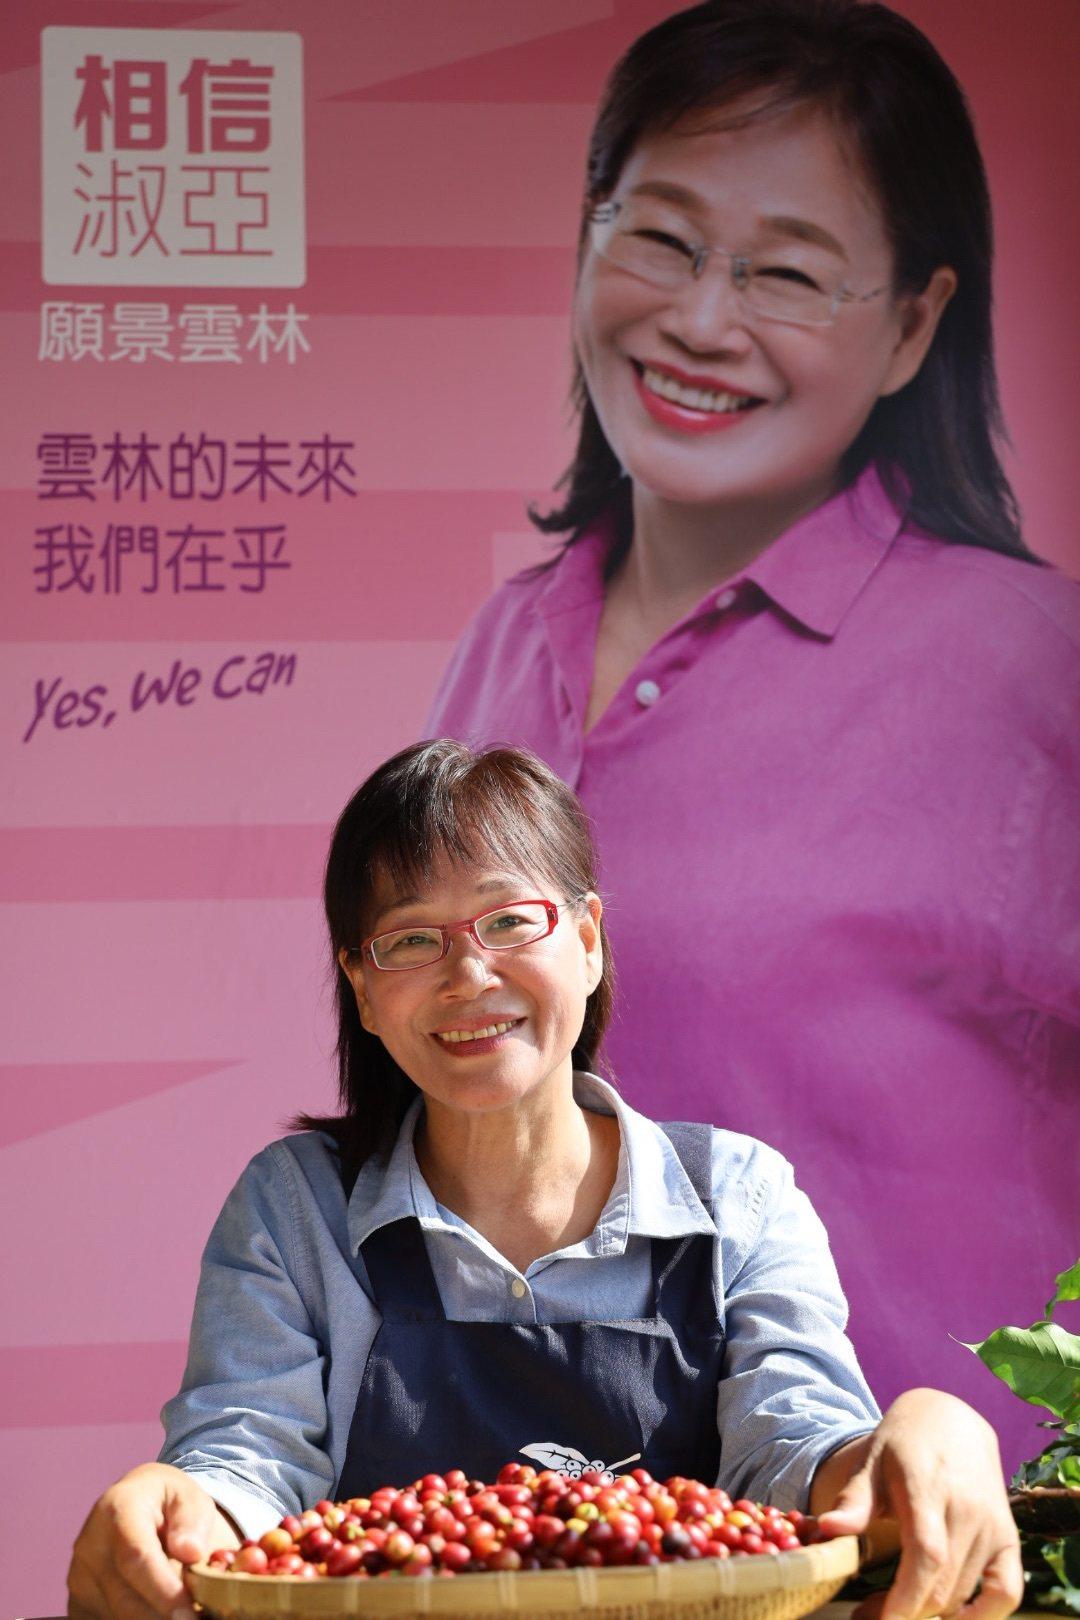 雲林縣第二選區立法委員參選人謝淑亞。記者李京昇/攝影